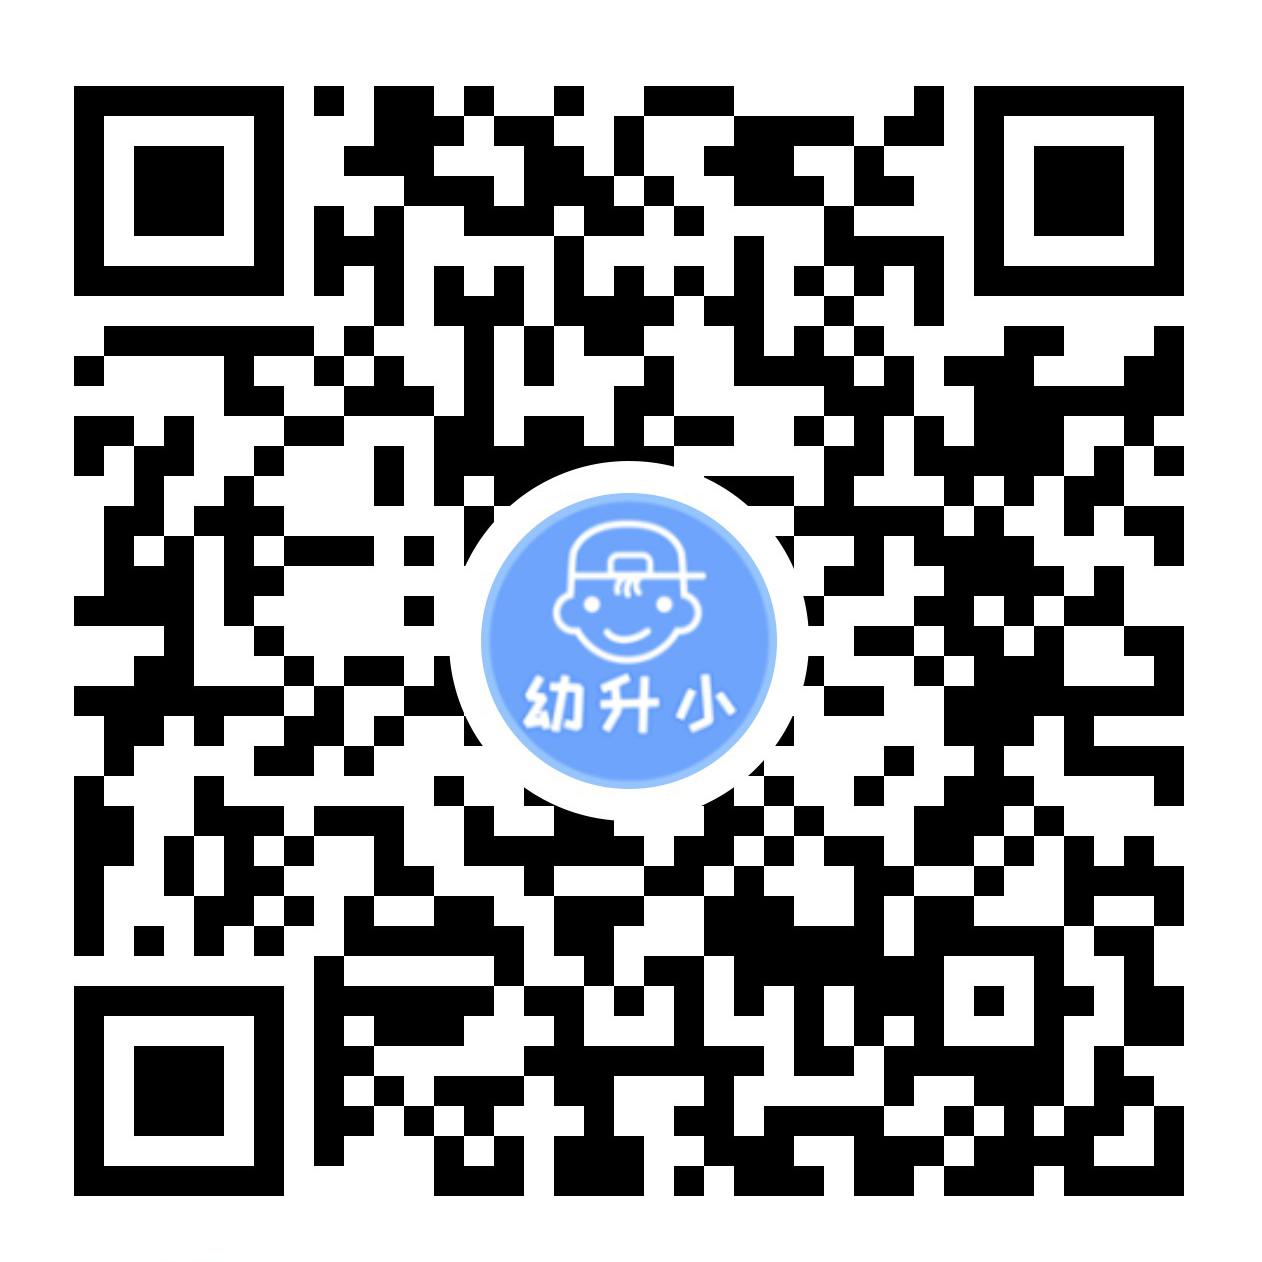 广州幼升小助手-微信小程序二维码